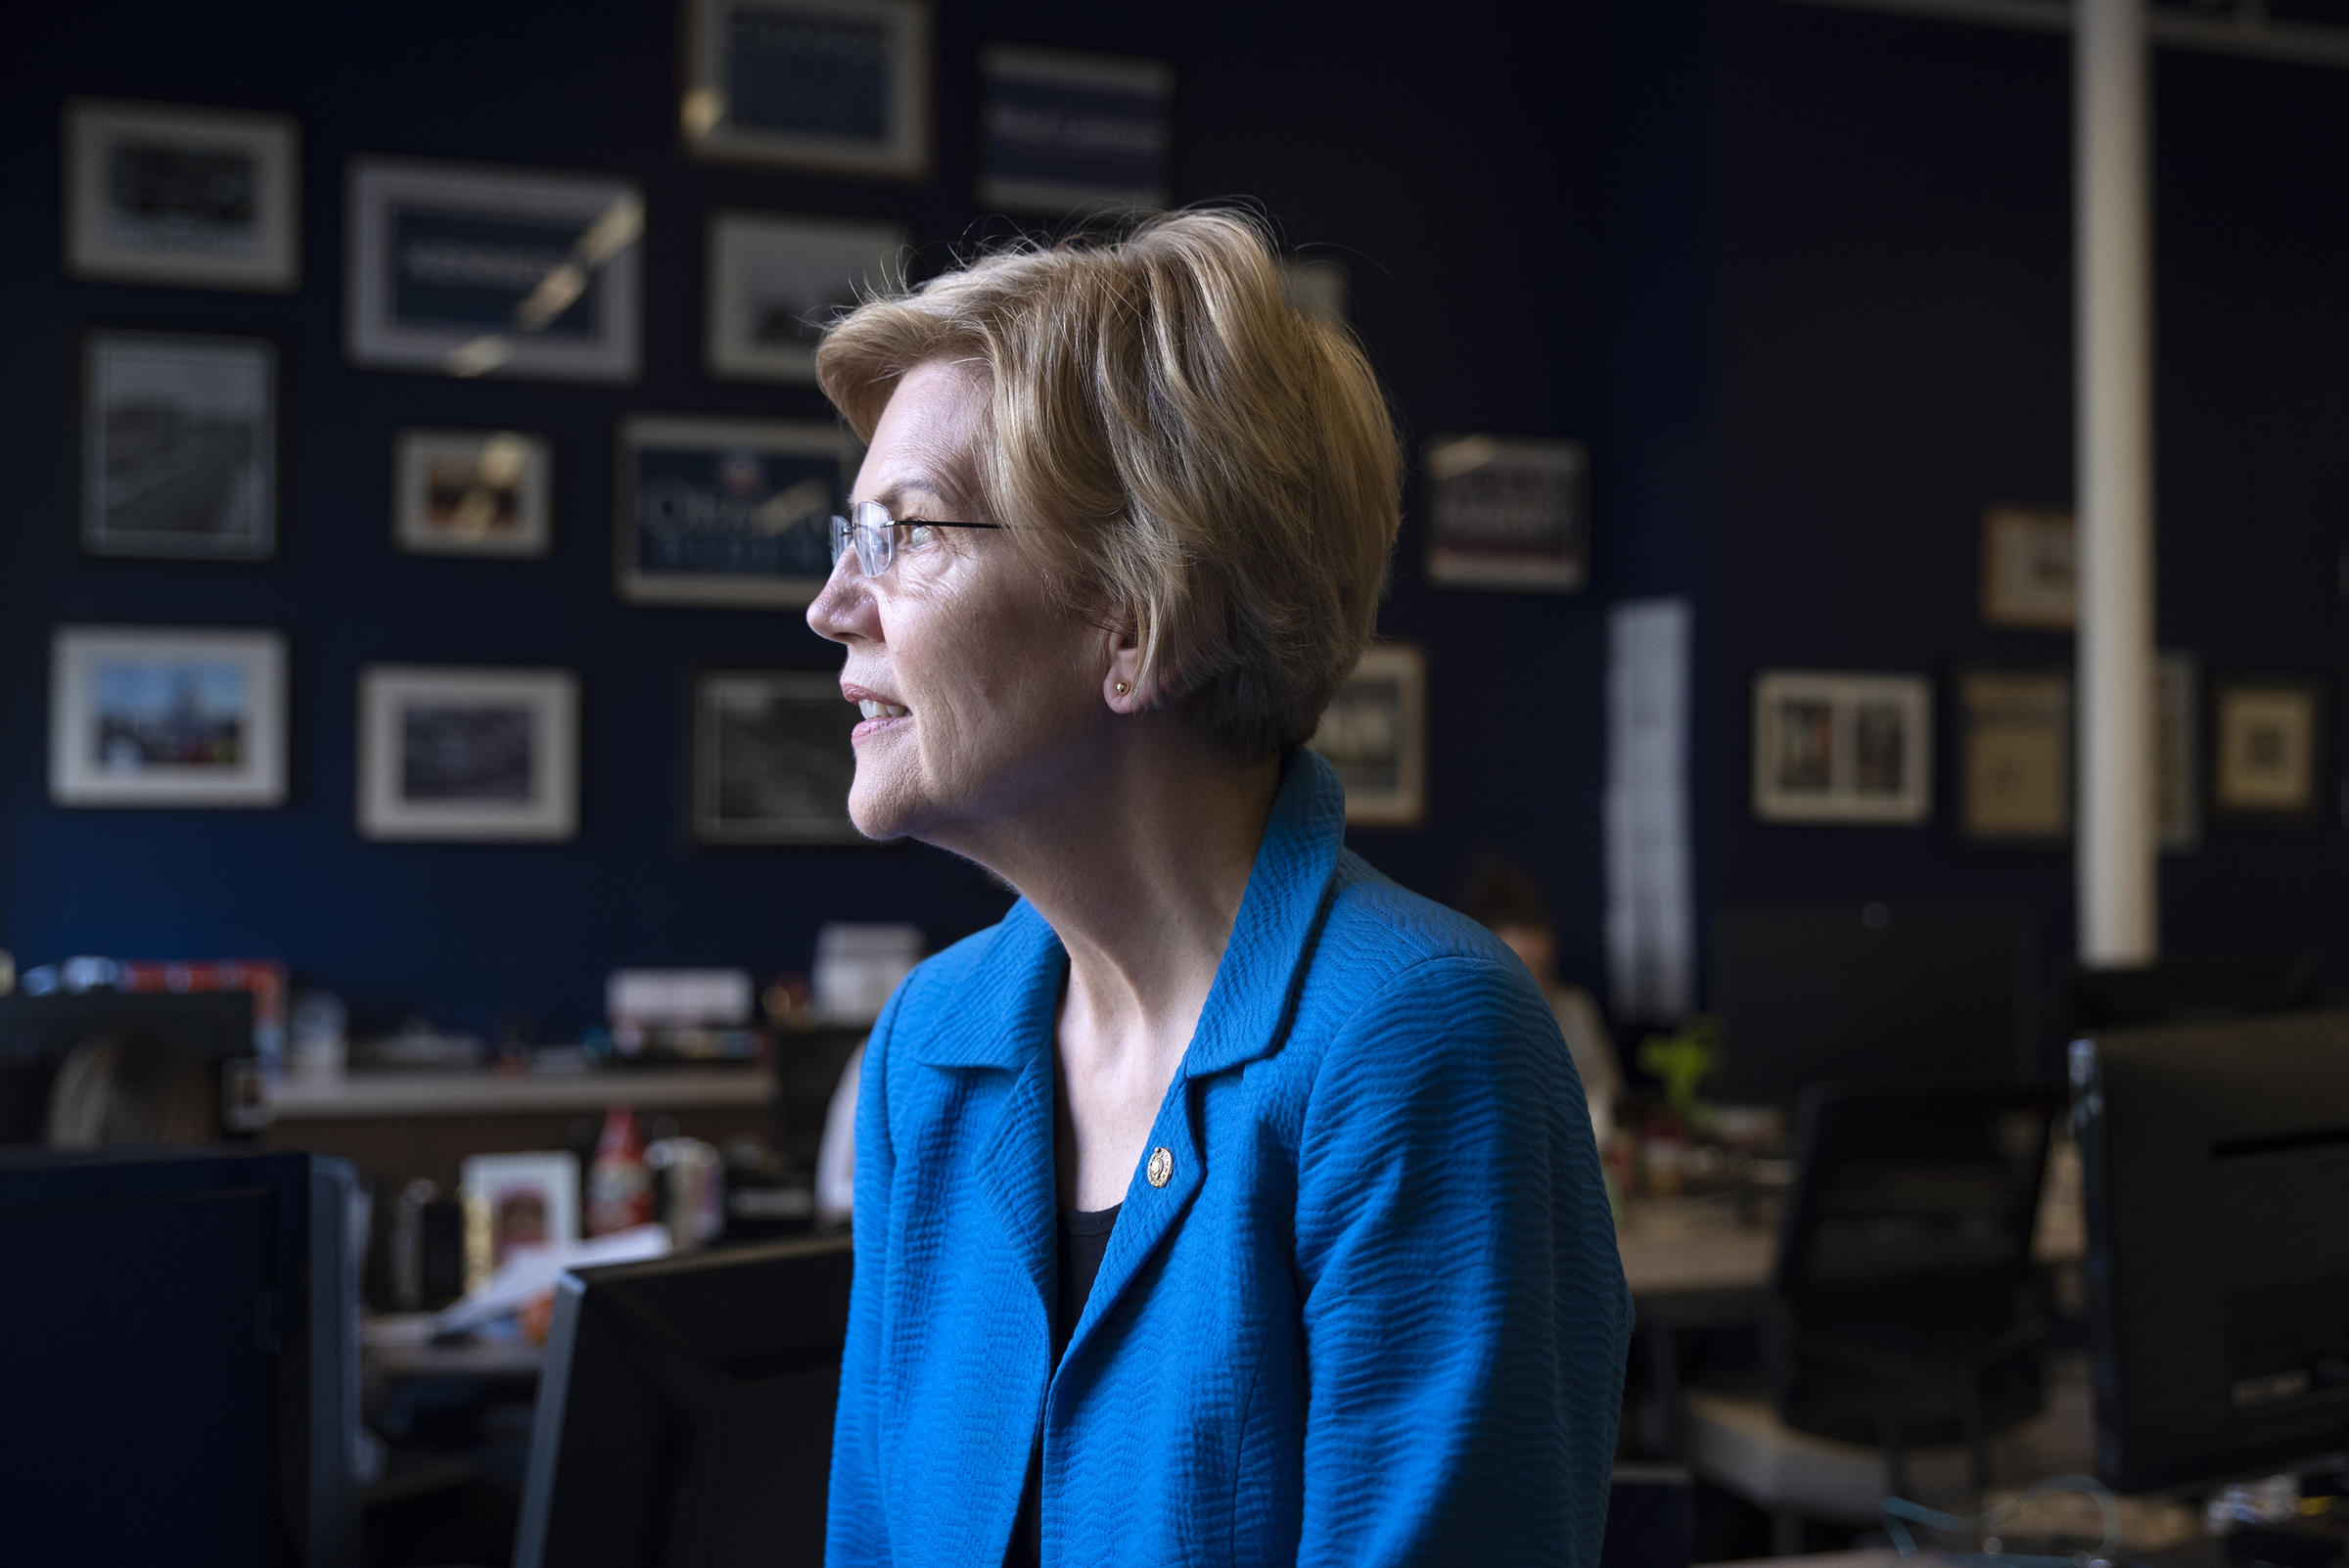 Sen. Elizabeth Warren Blasts Big Tech, Advocates Taxing Rich in 2020 Race